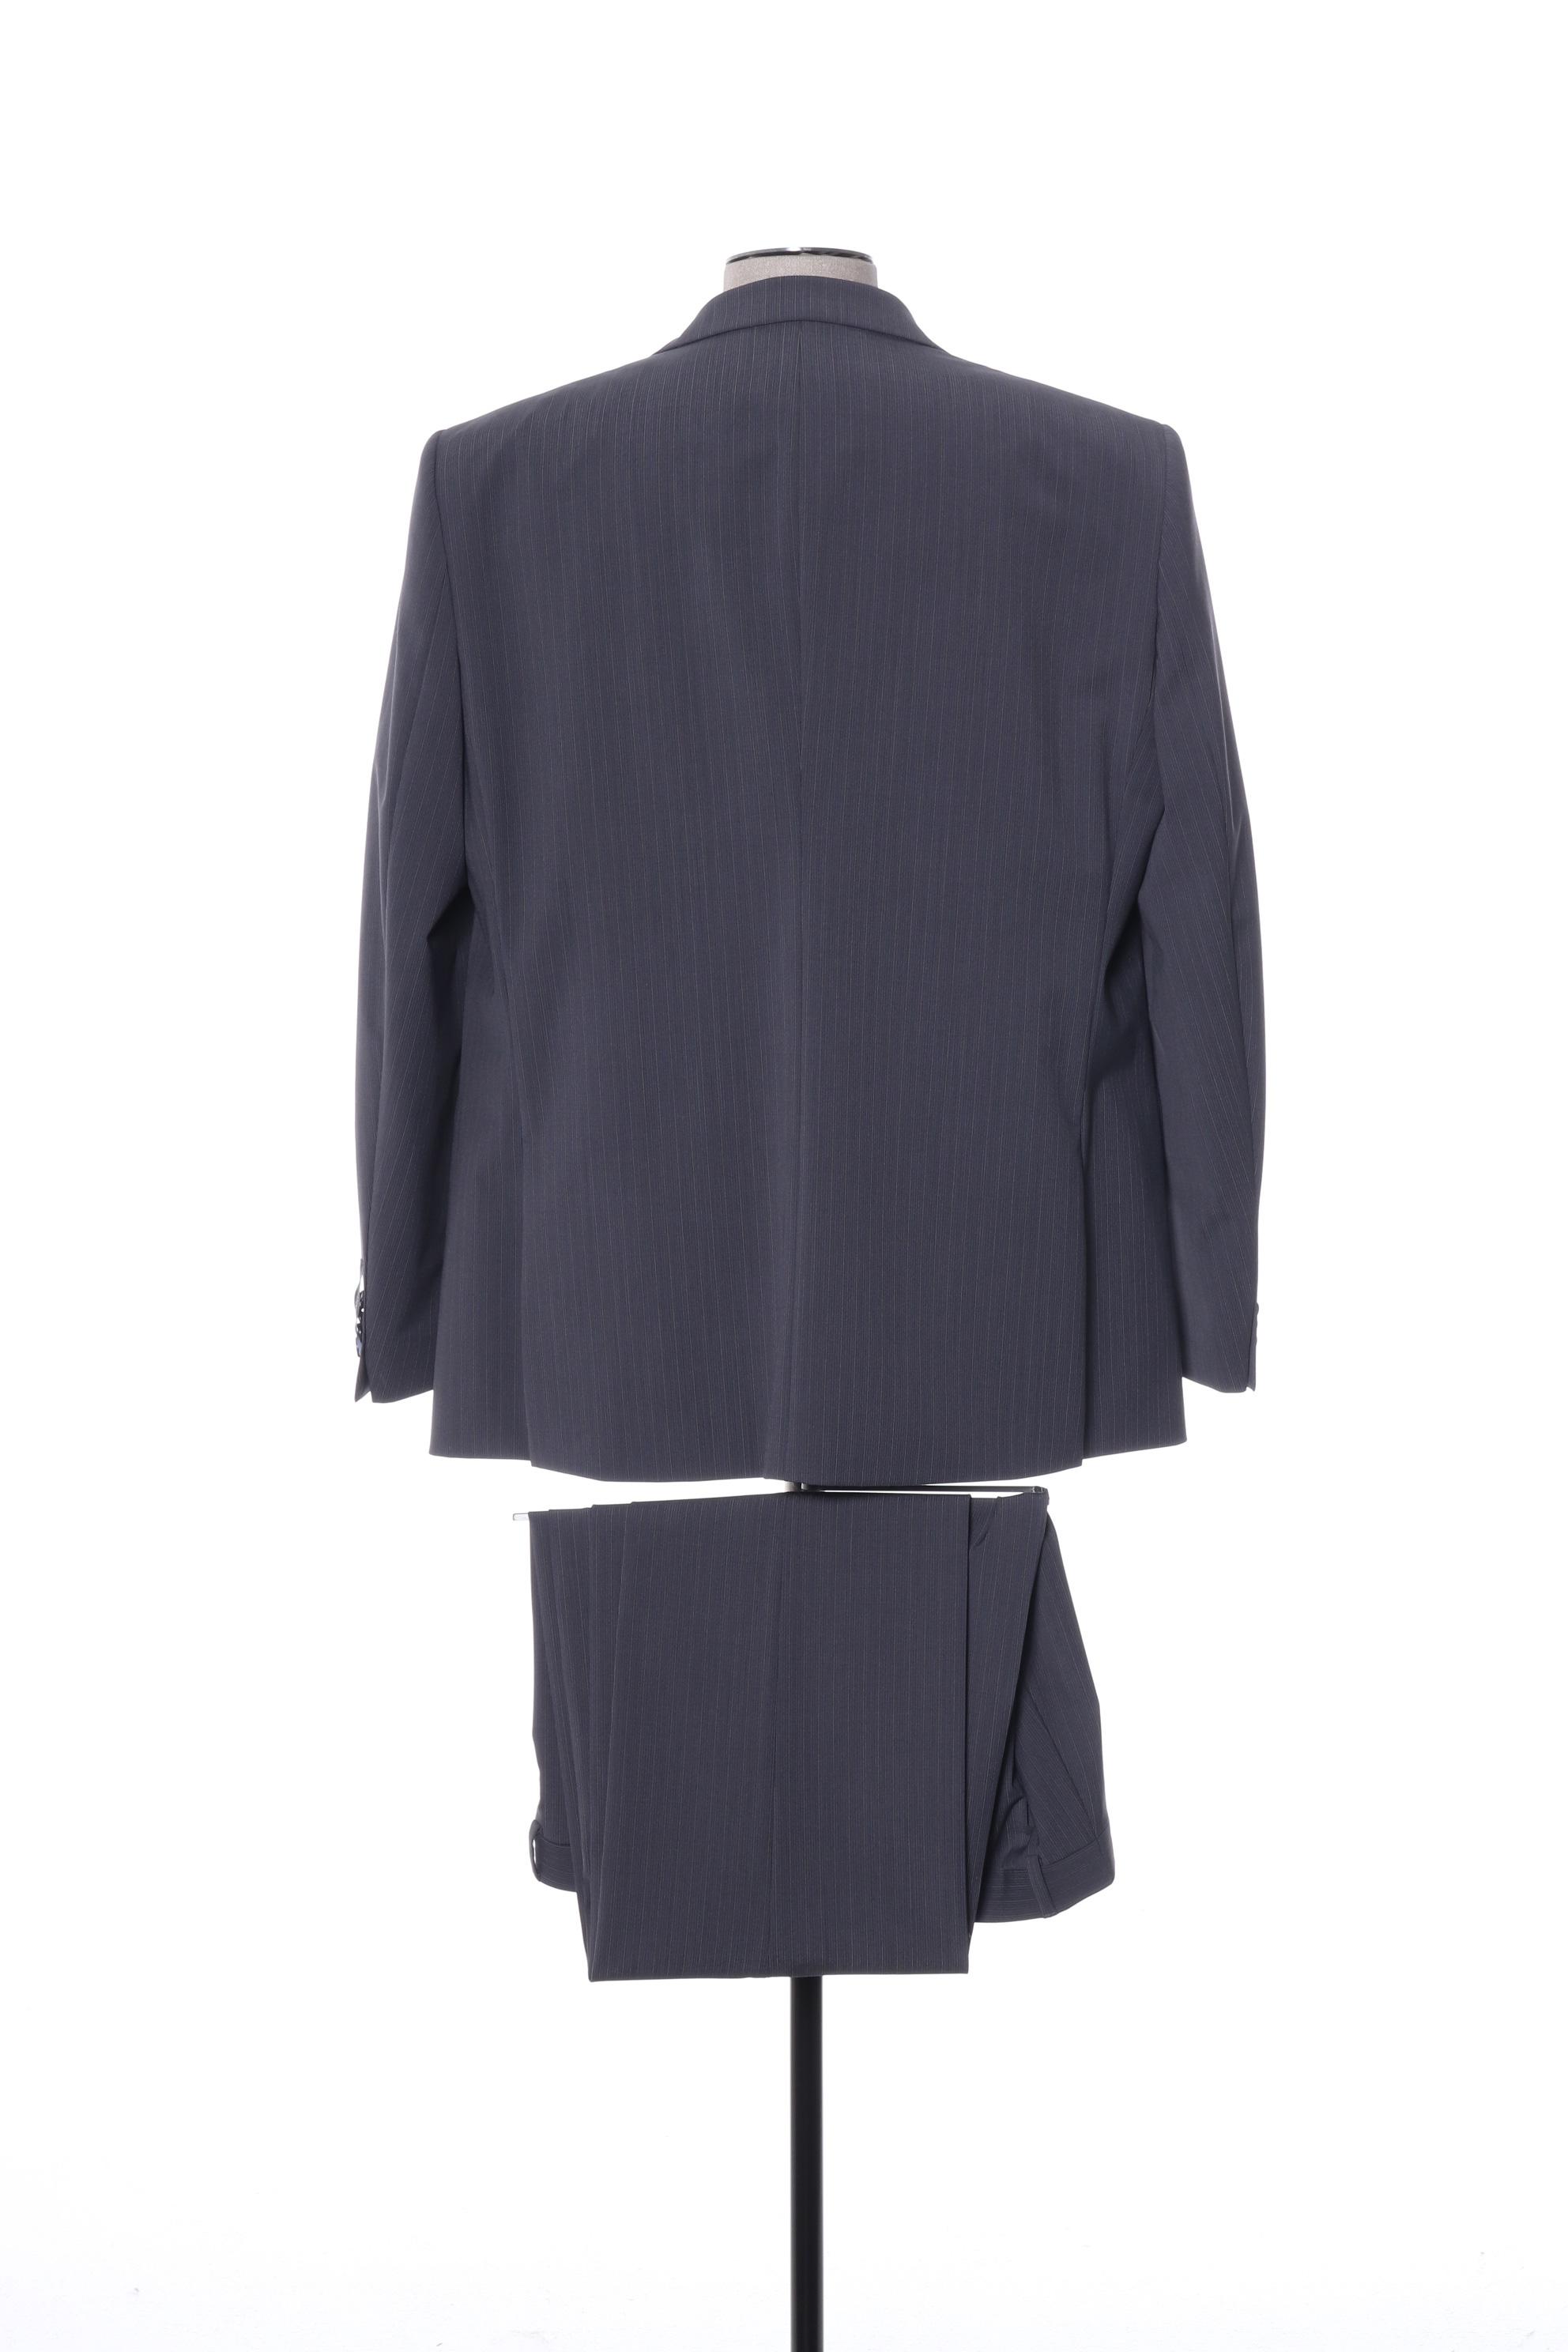 Bruno Saint Hilaire Costumes Ville Homme De Couleur Gris En Soldes Pas Cher 1411049-gris00